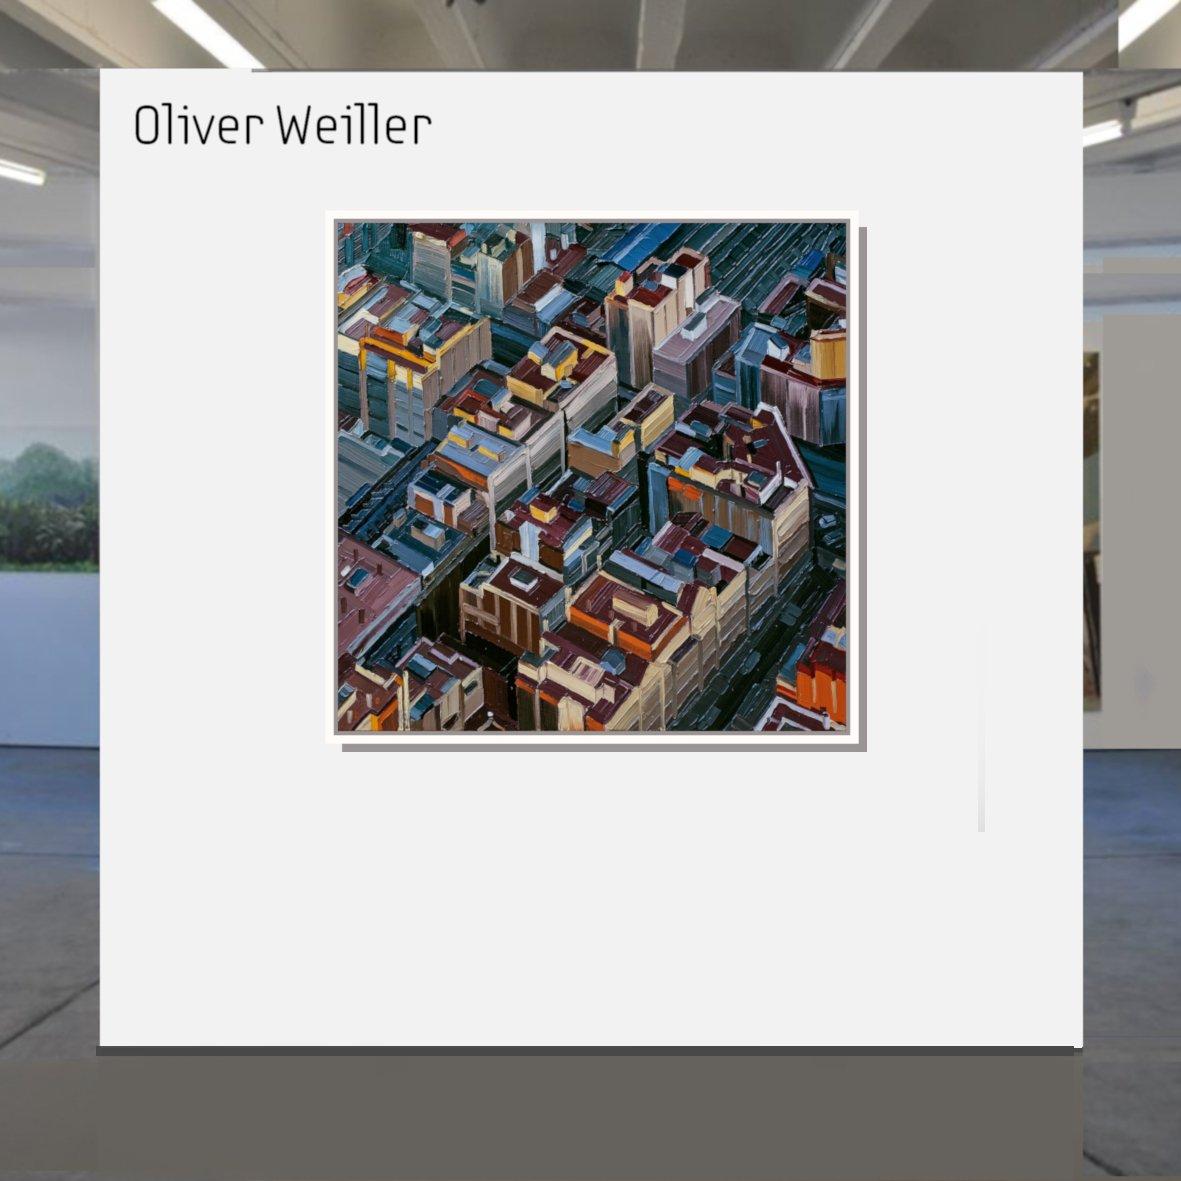 Maske_Weiller_Oliver_Barcelona_02_100x100_mit_Rahmen